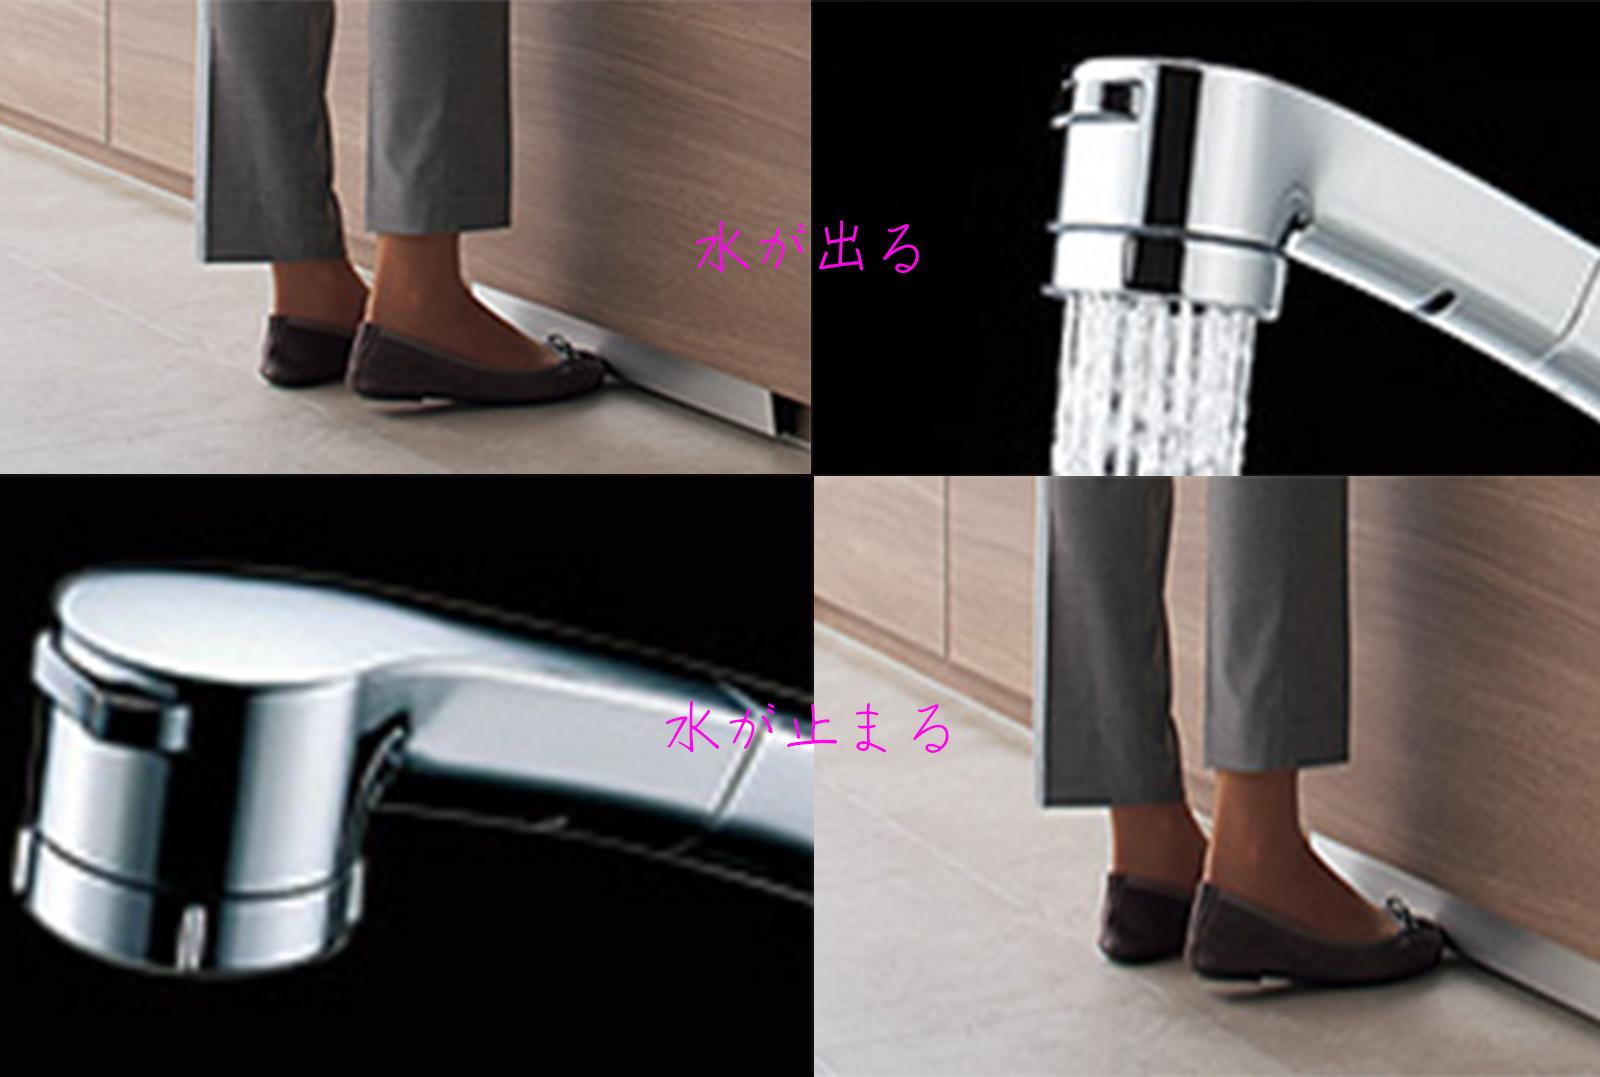 足の操作で水道が出せるフットスイッチ